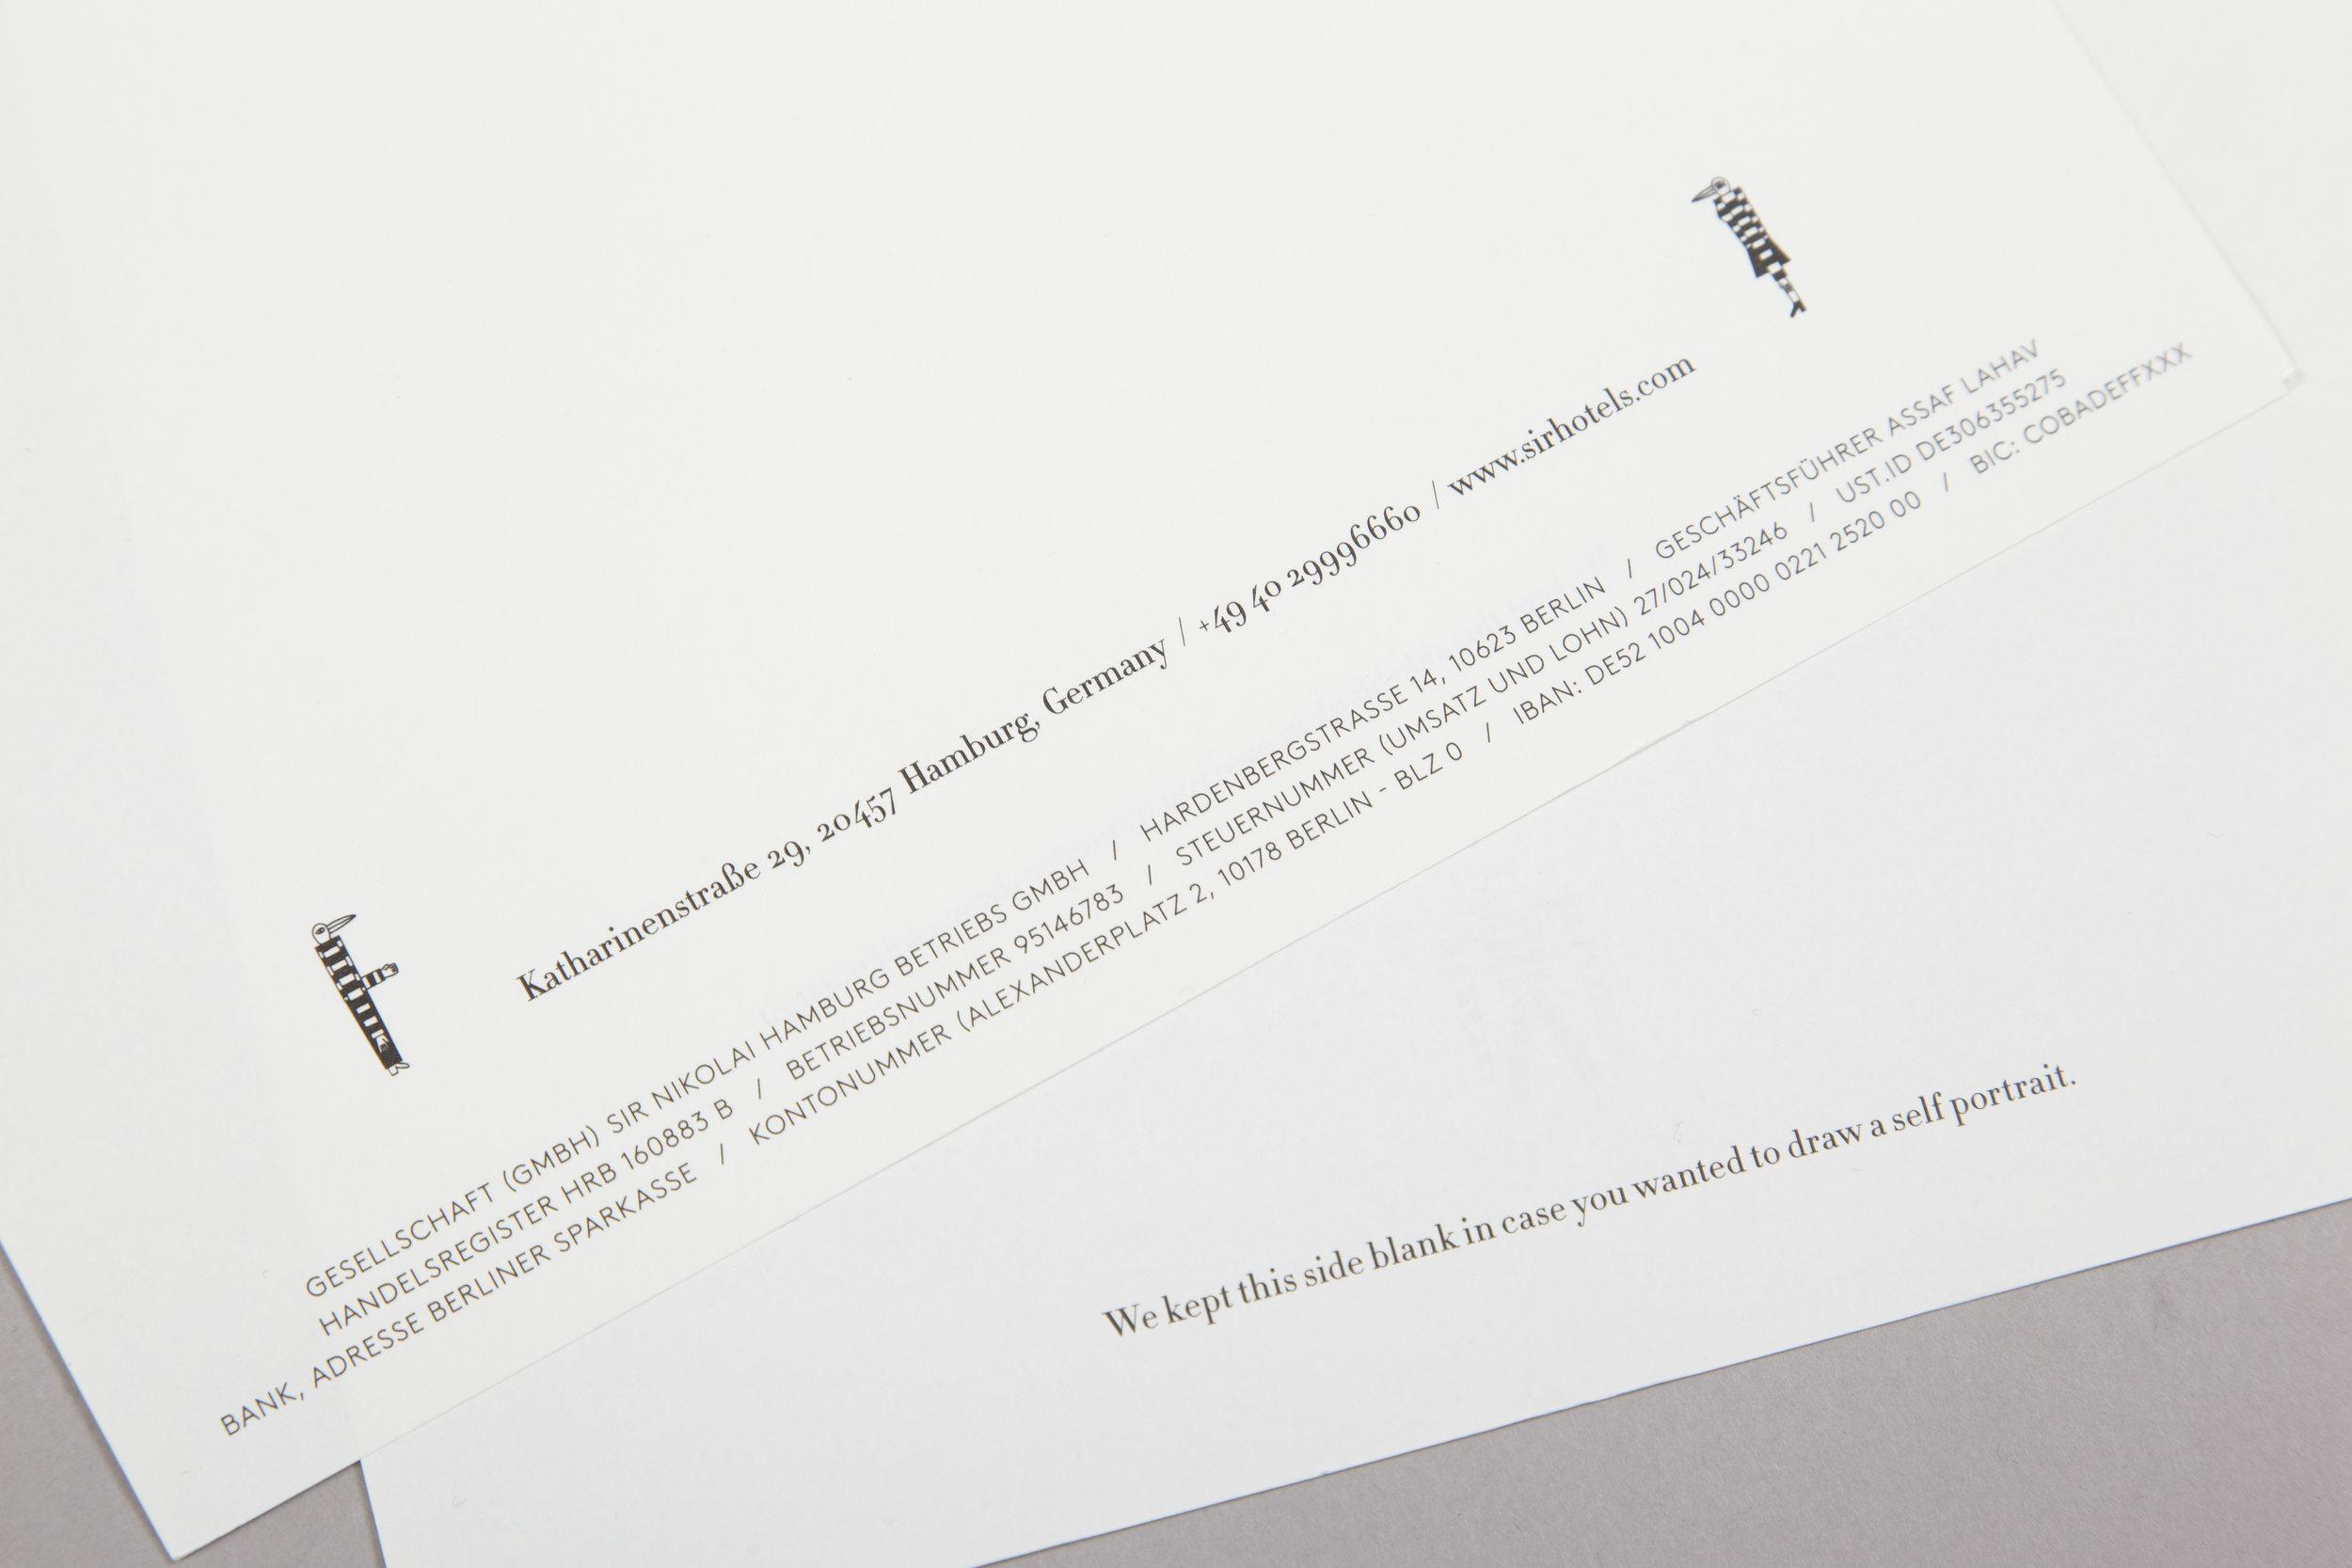 letterhead-details.jpg